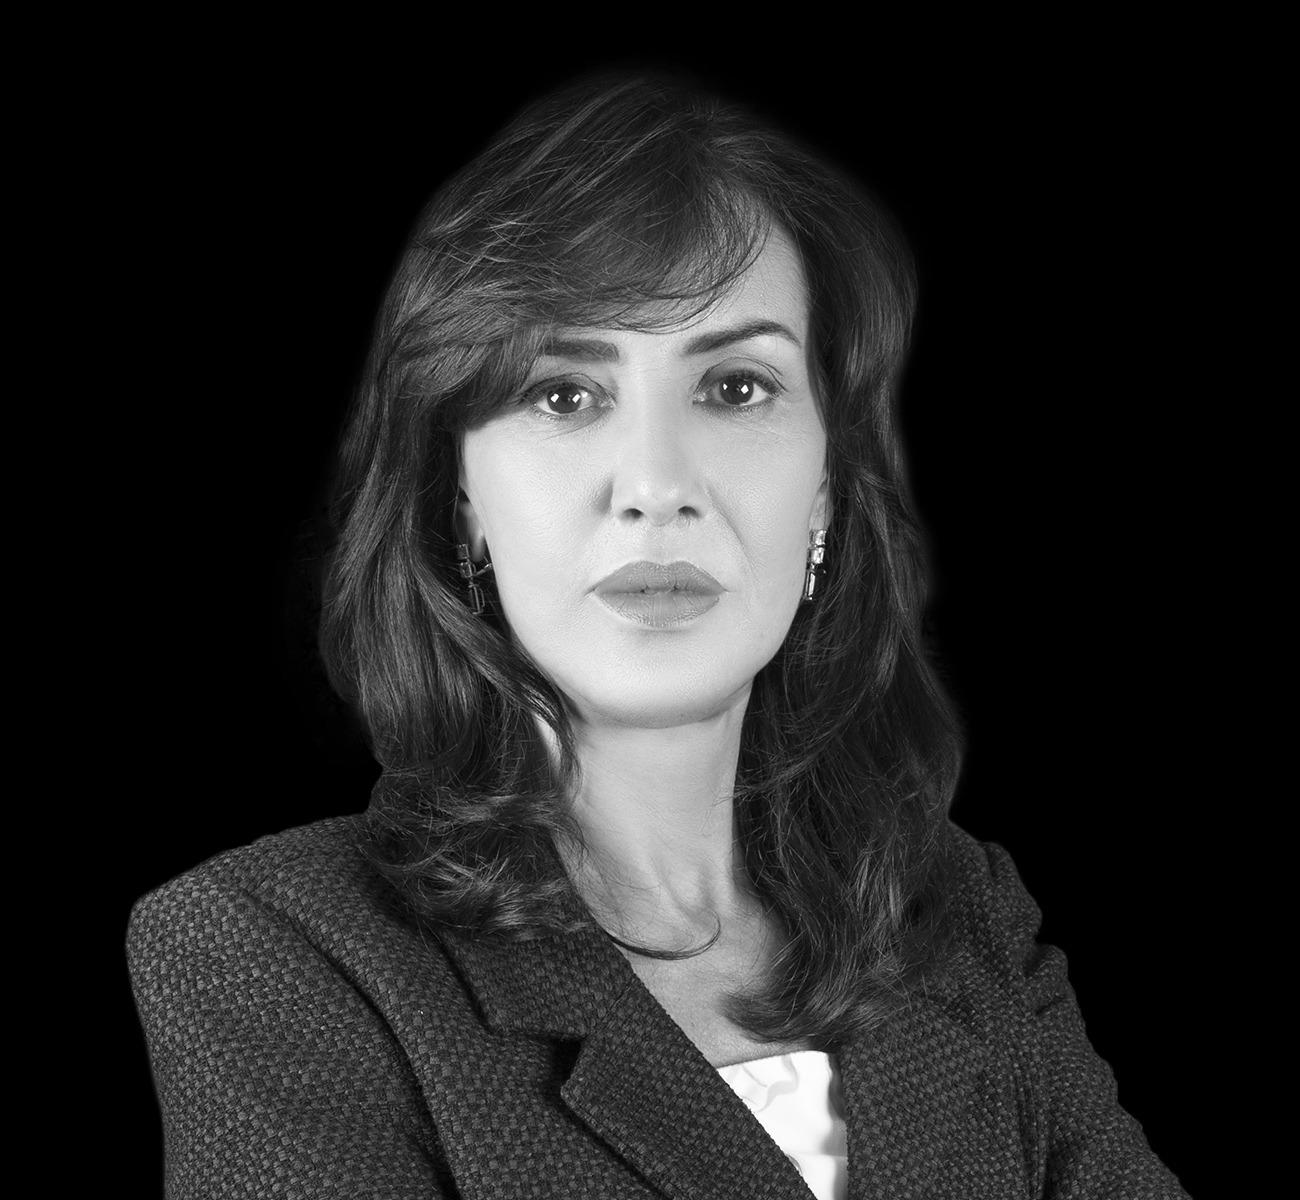 Bassamat Fassi-Fihri